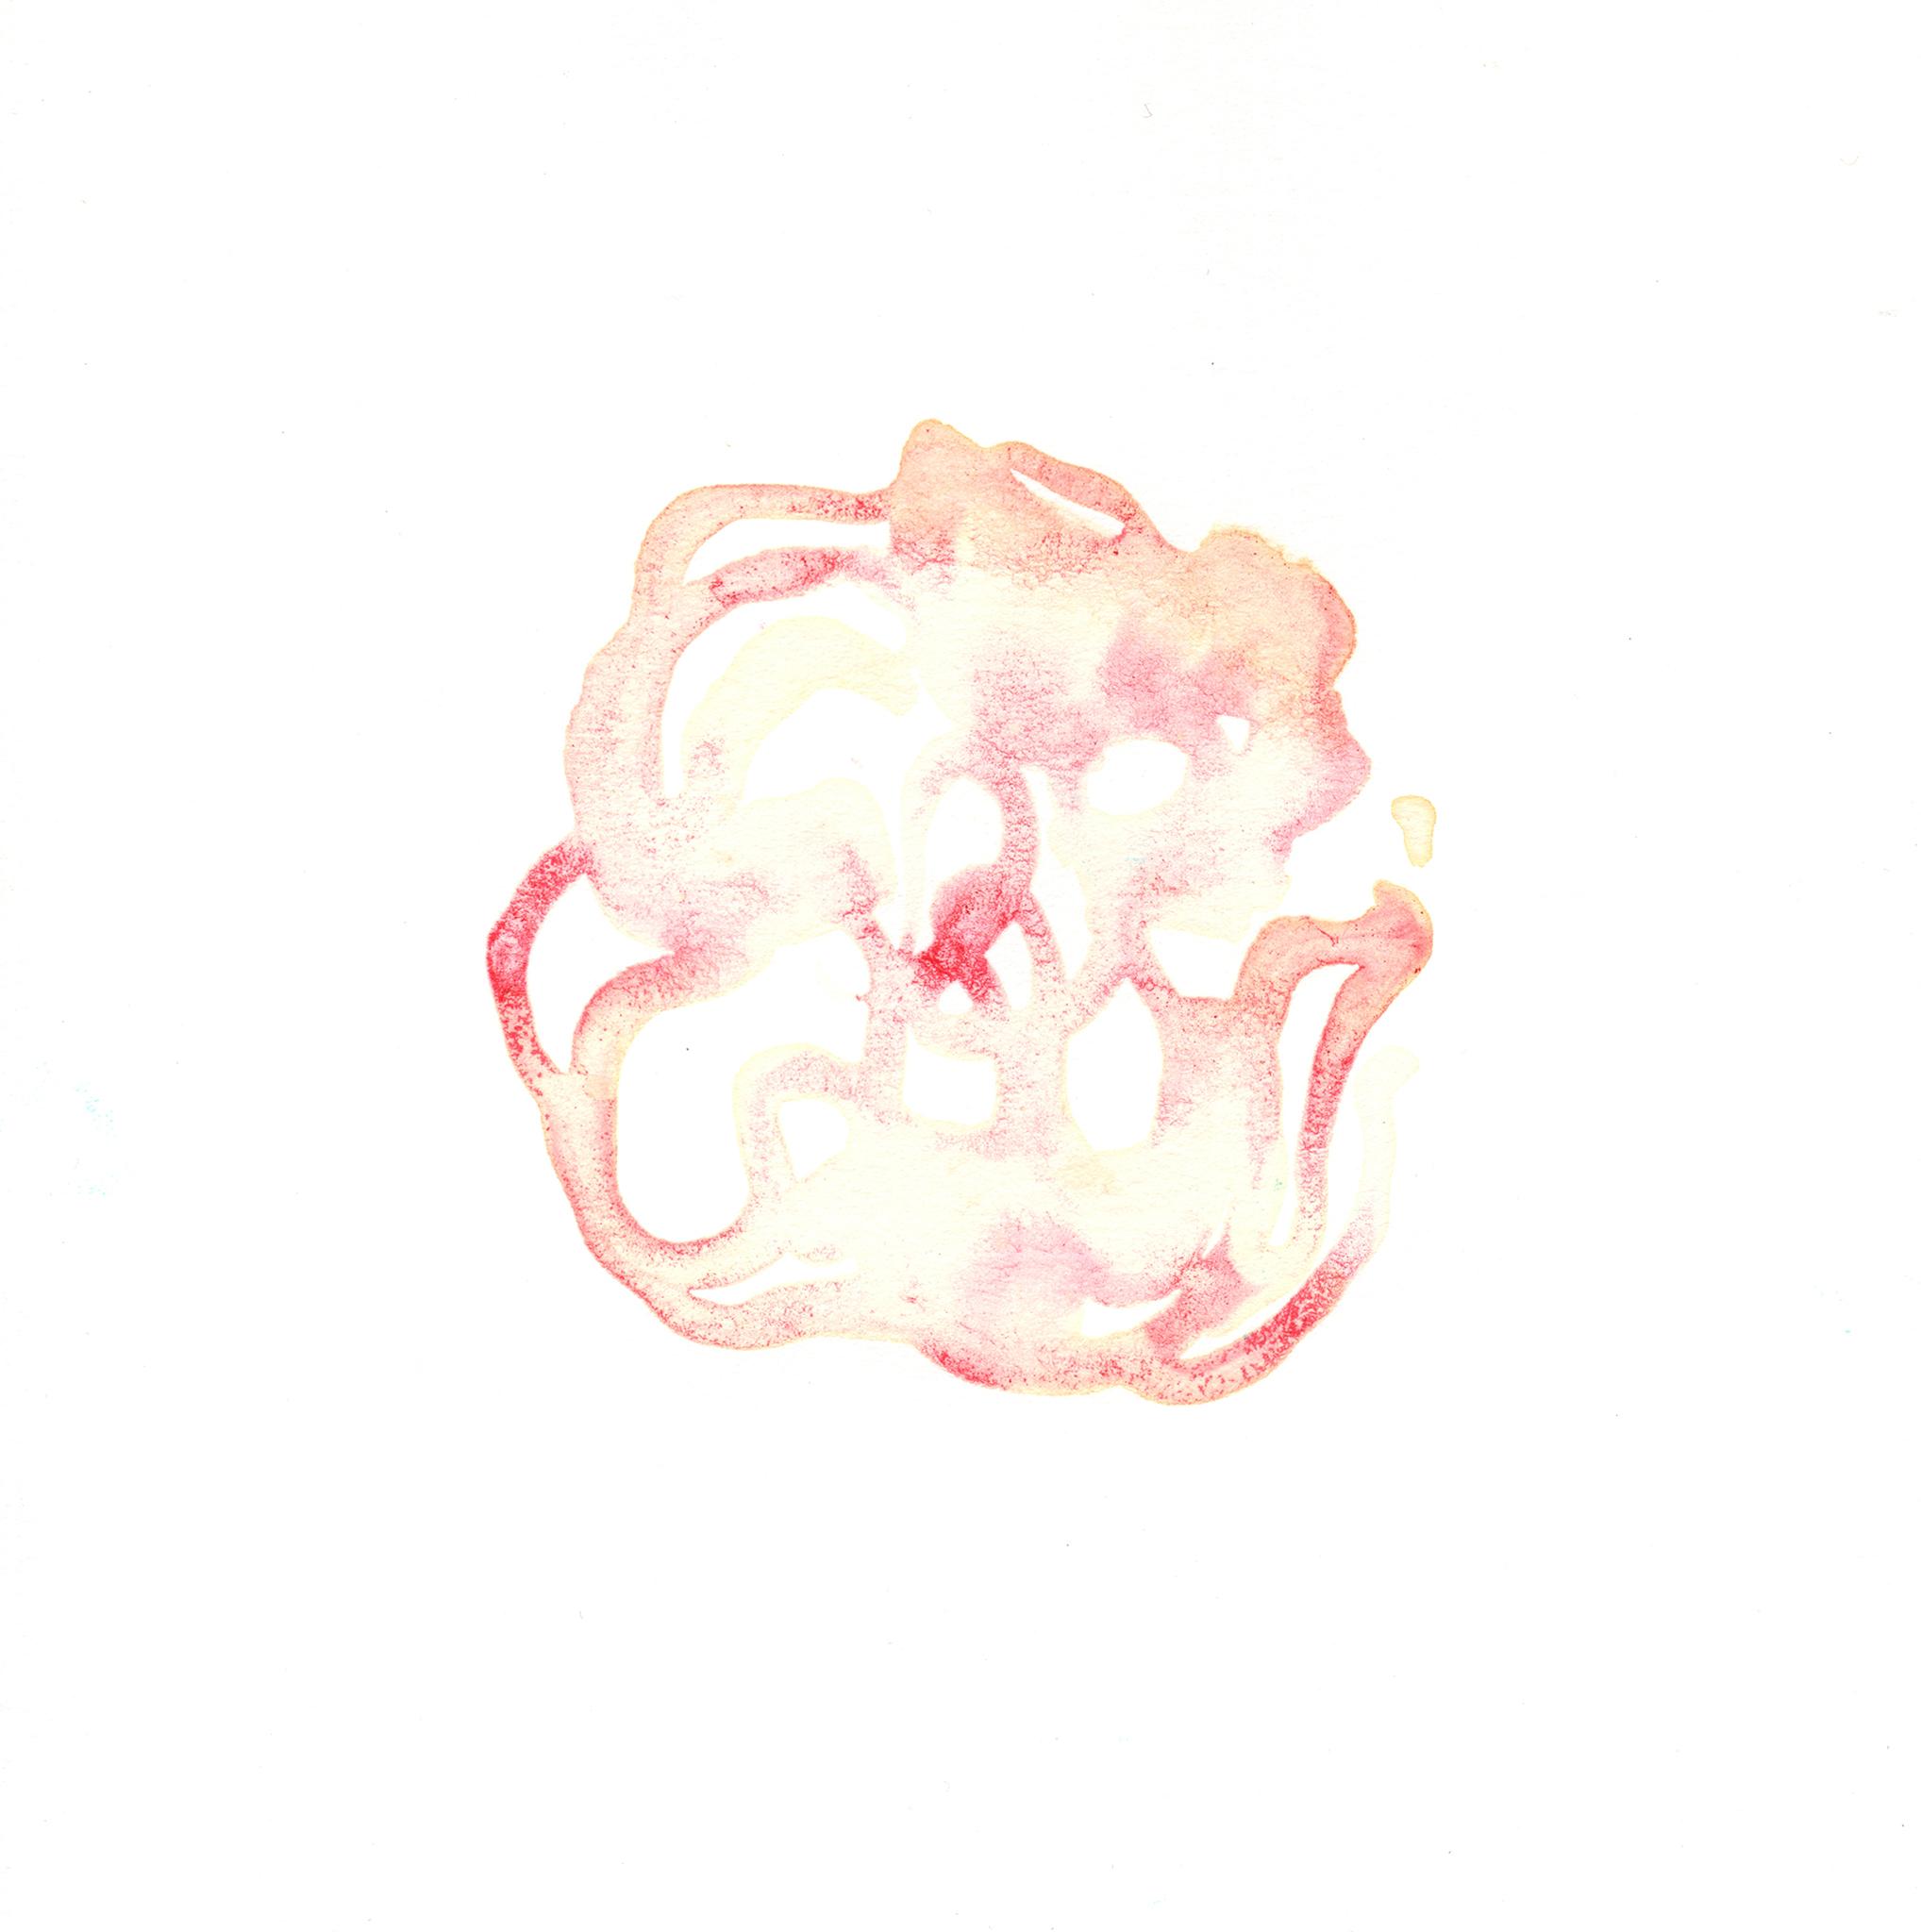 252.Dianthus.10.18.14.jpg